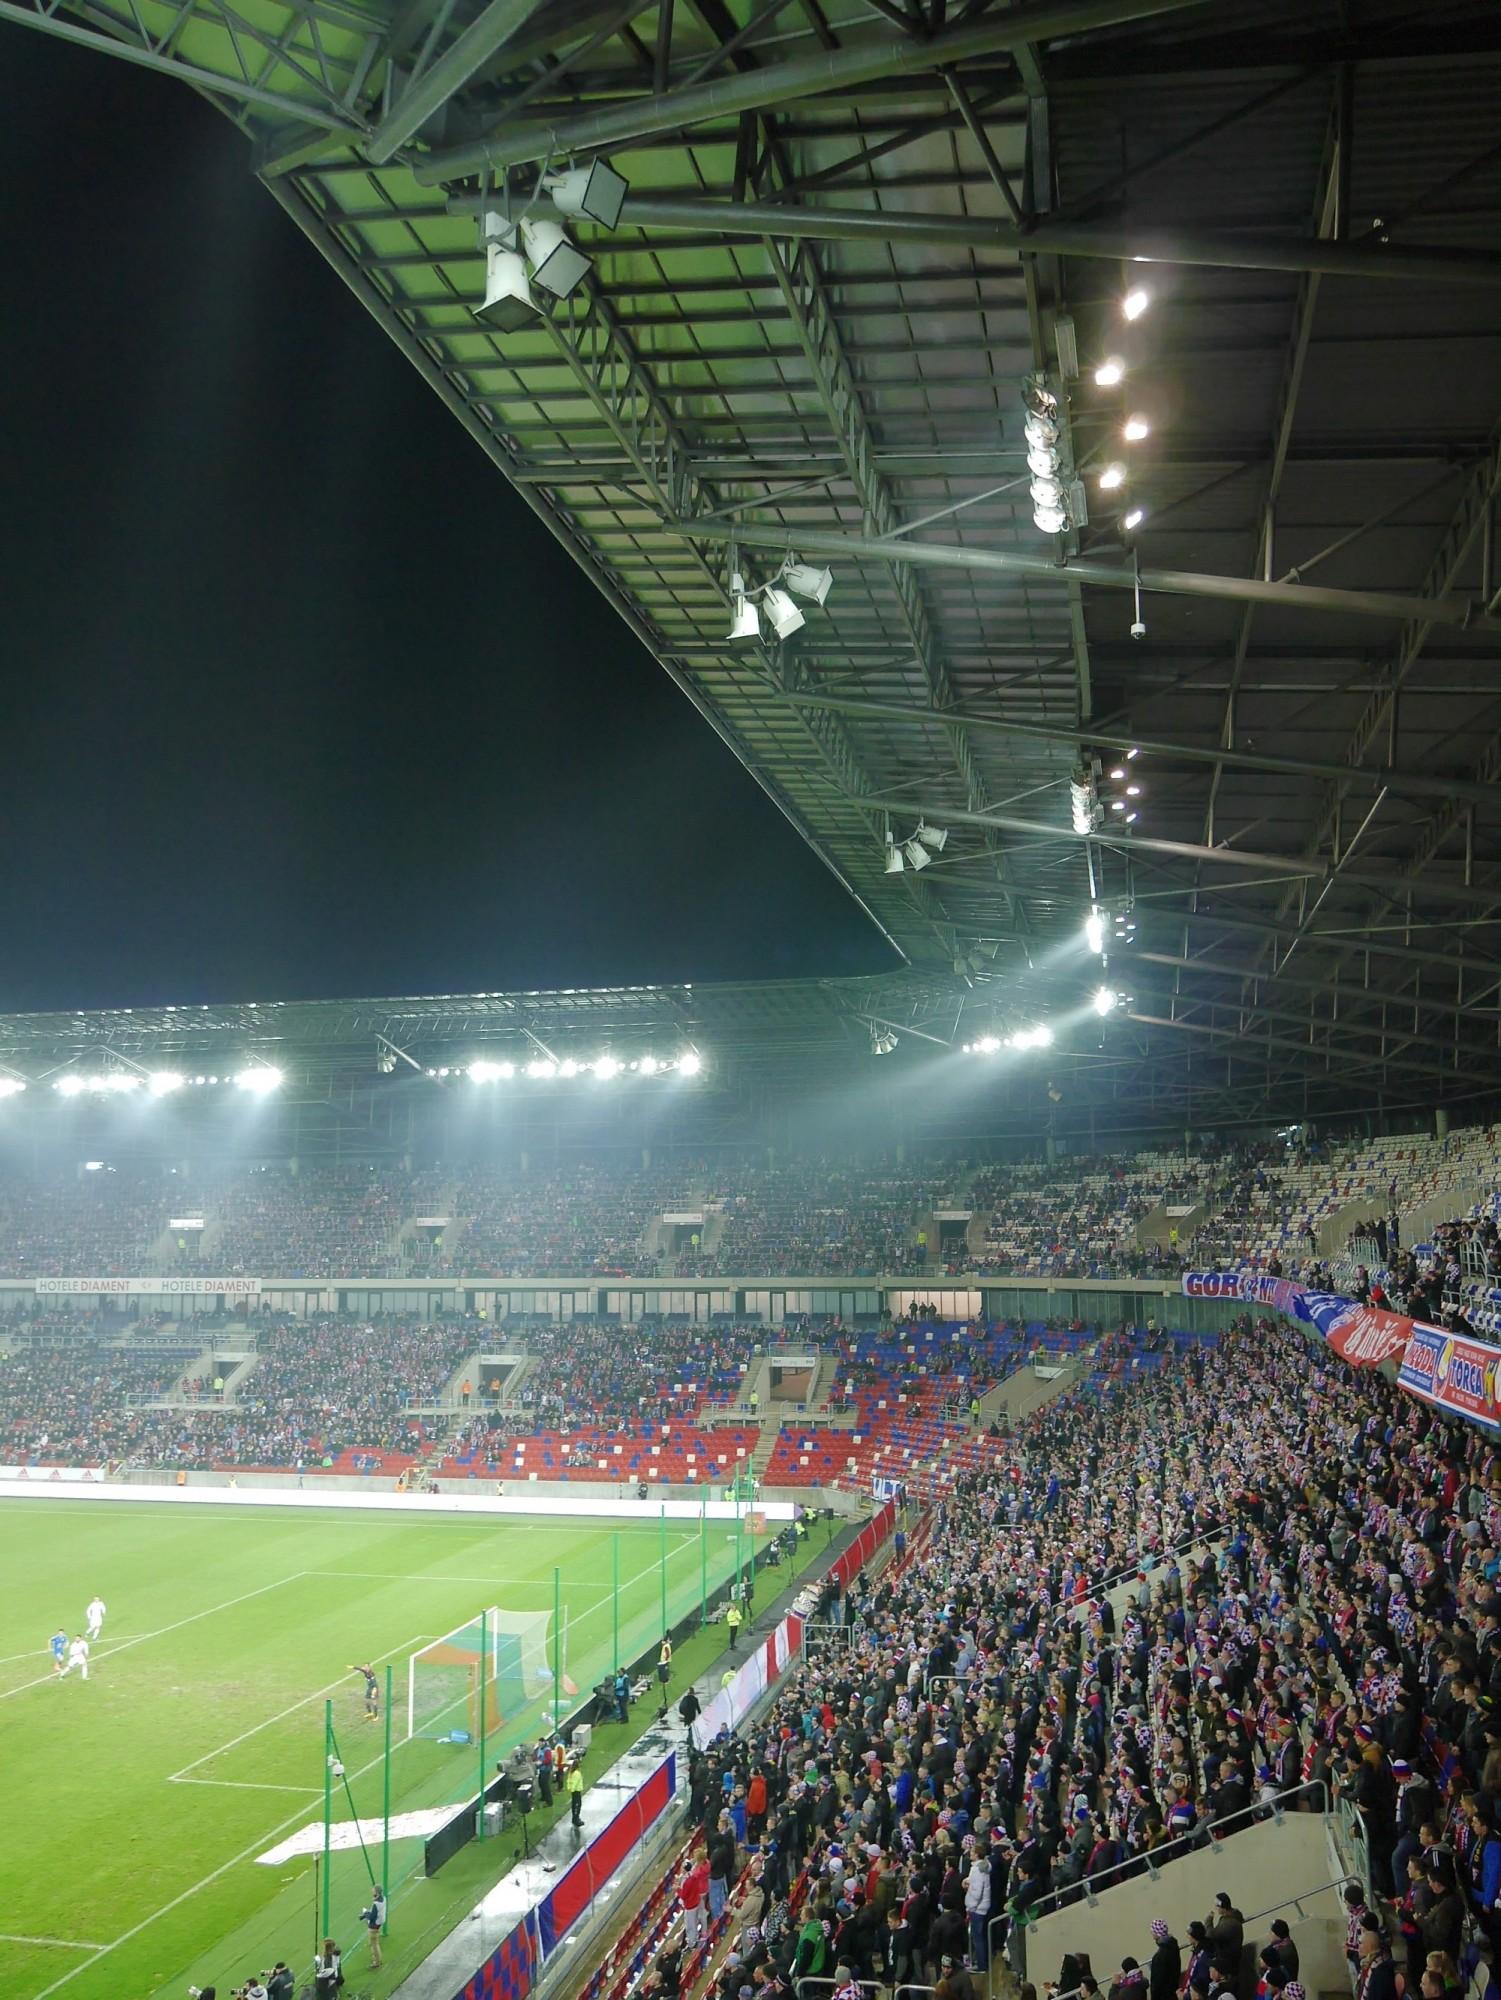 ArenaZabrzeCloseup.JPG